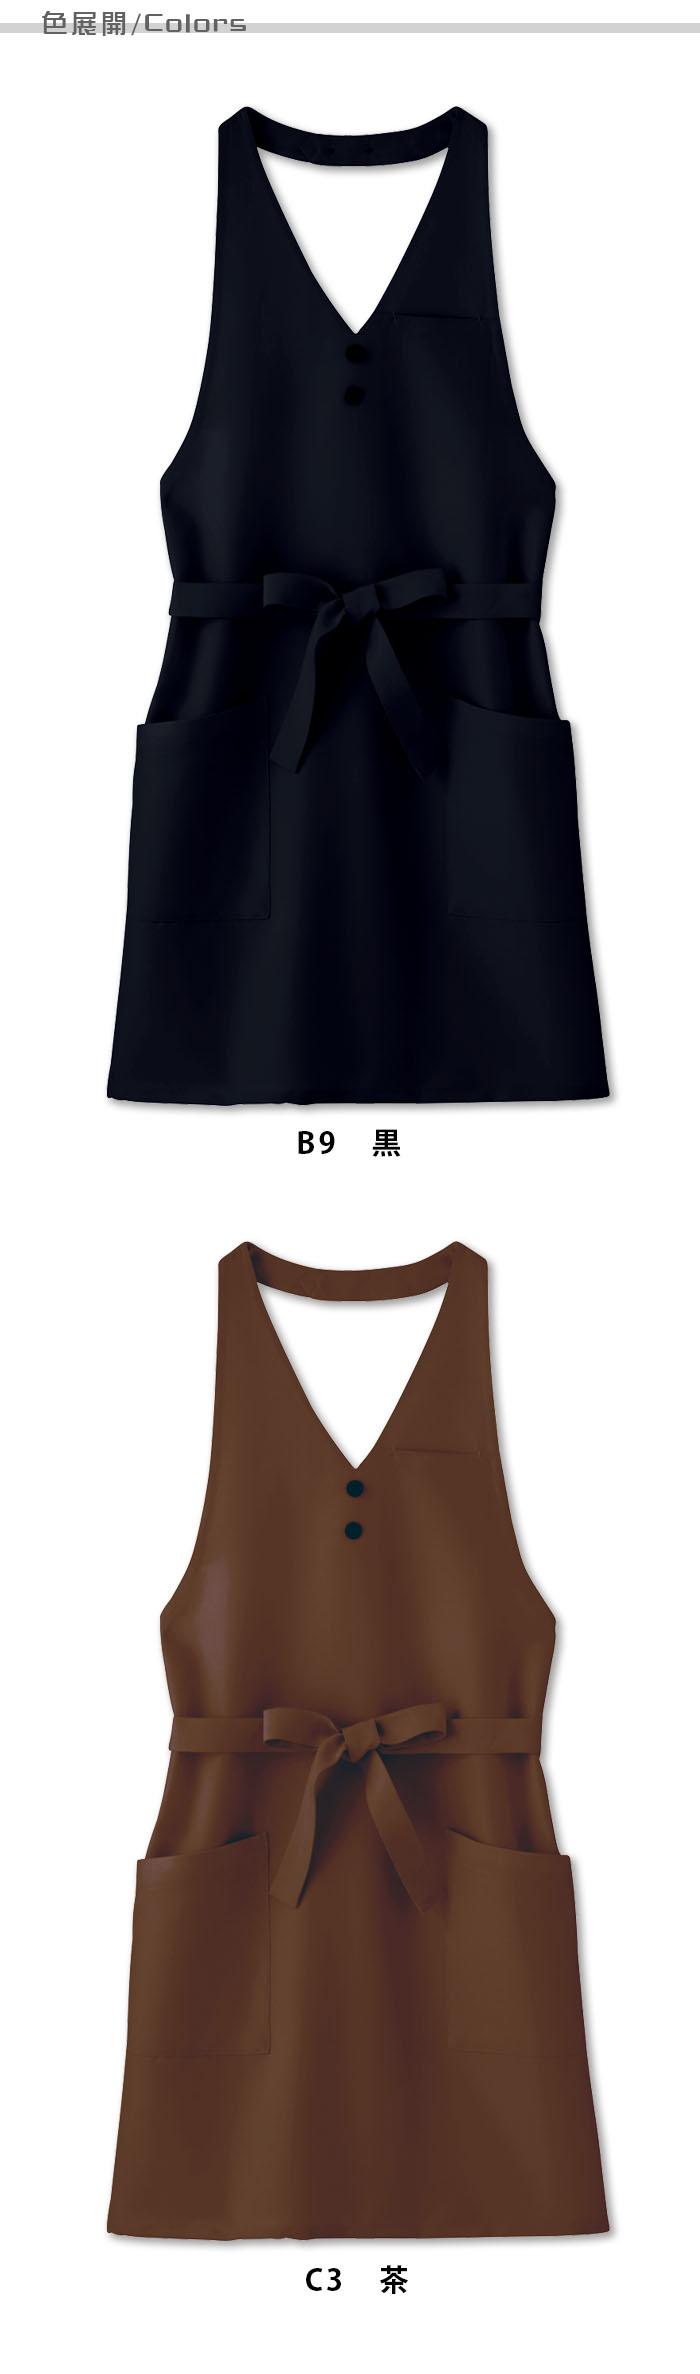 飲食店販売制服 5色から選べるコーデしやすい胸あてエプロン 撥水・撥油・制電 女性用  商品色展開説明